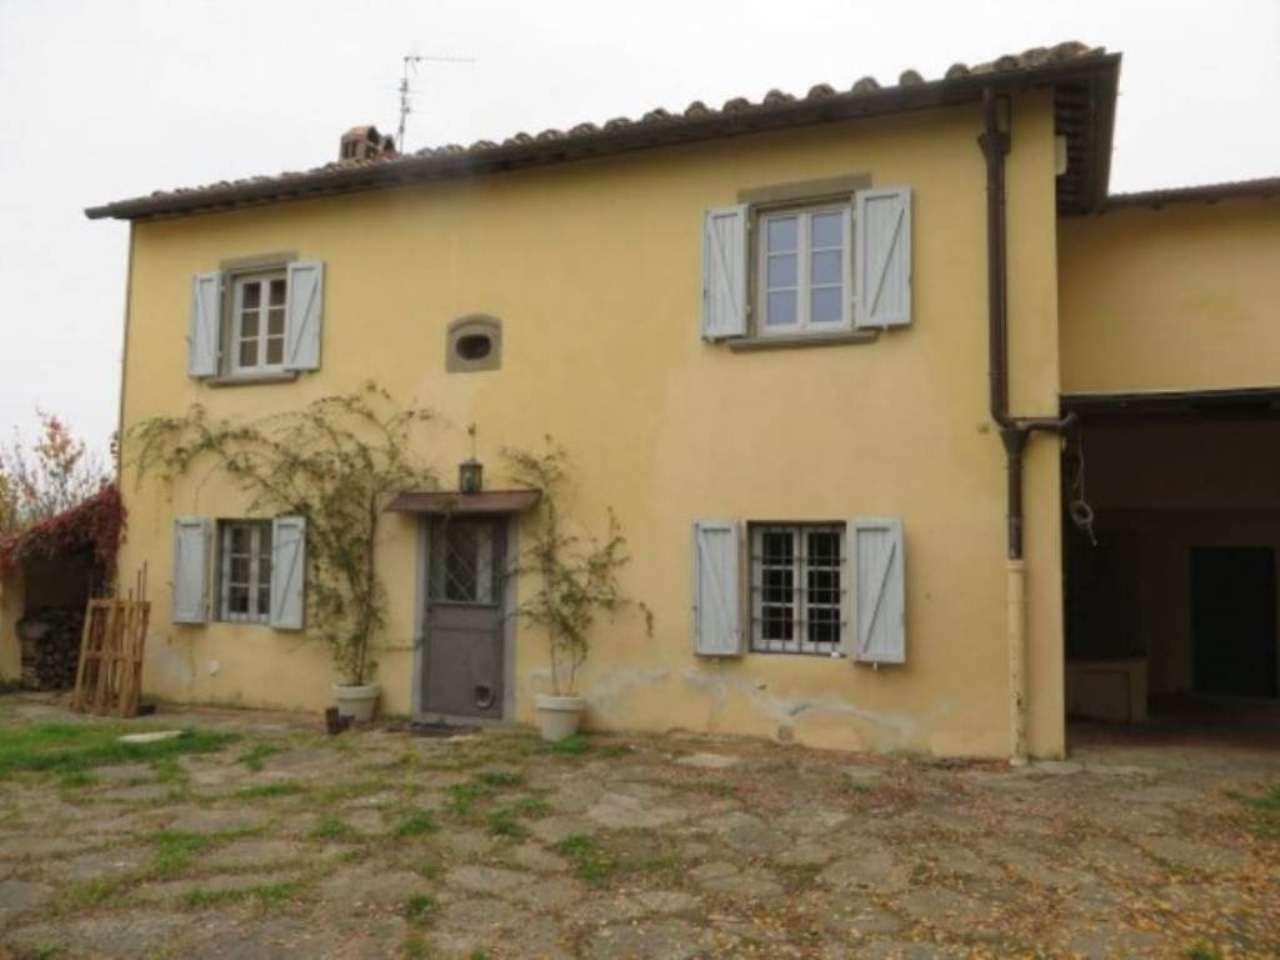 Rustico / Casale in affitto a Bagno a Ripoli, 6 locali, prezzo € 2.000 | Cambio Casa.it